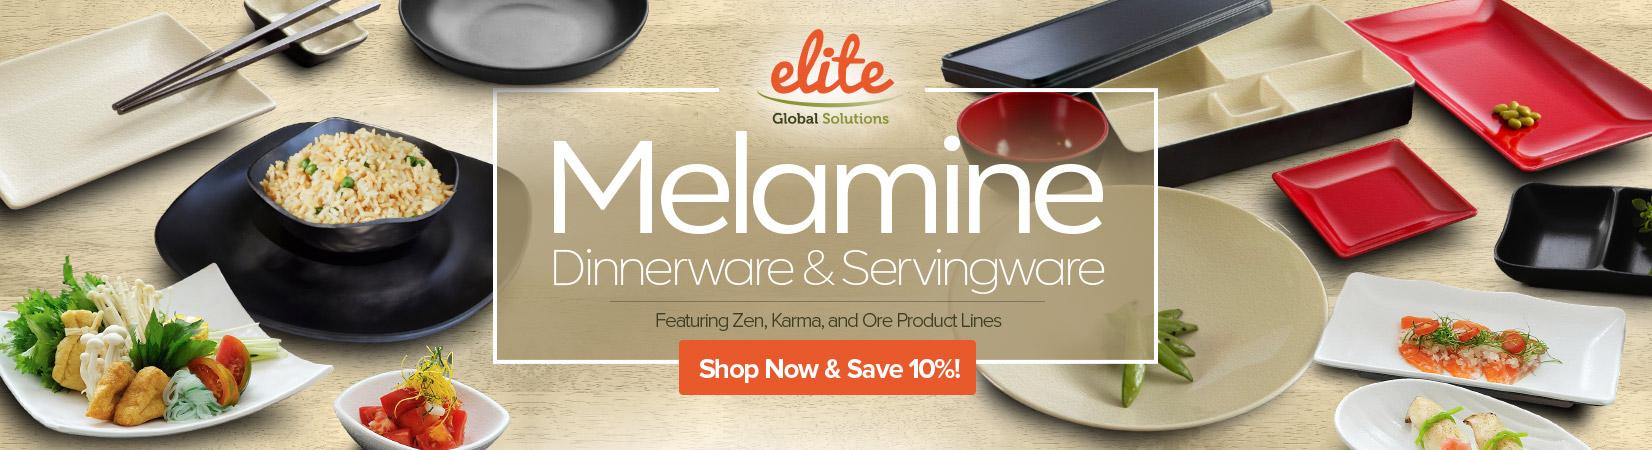 WebstaurantStore: Restaurant Supplies & Foodservice Equipment